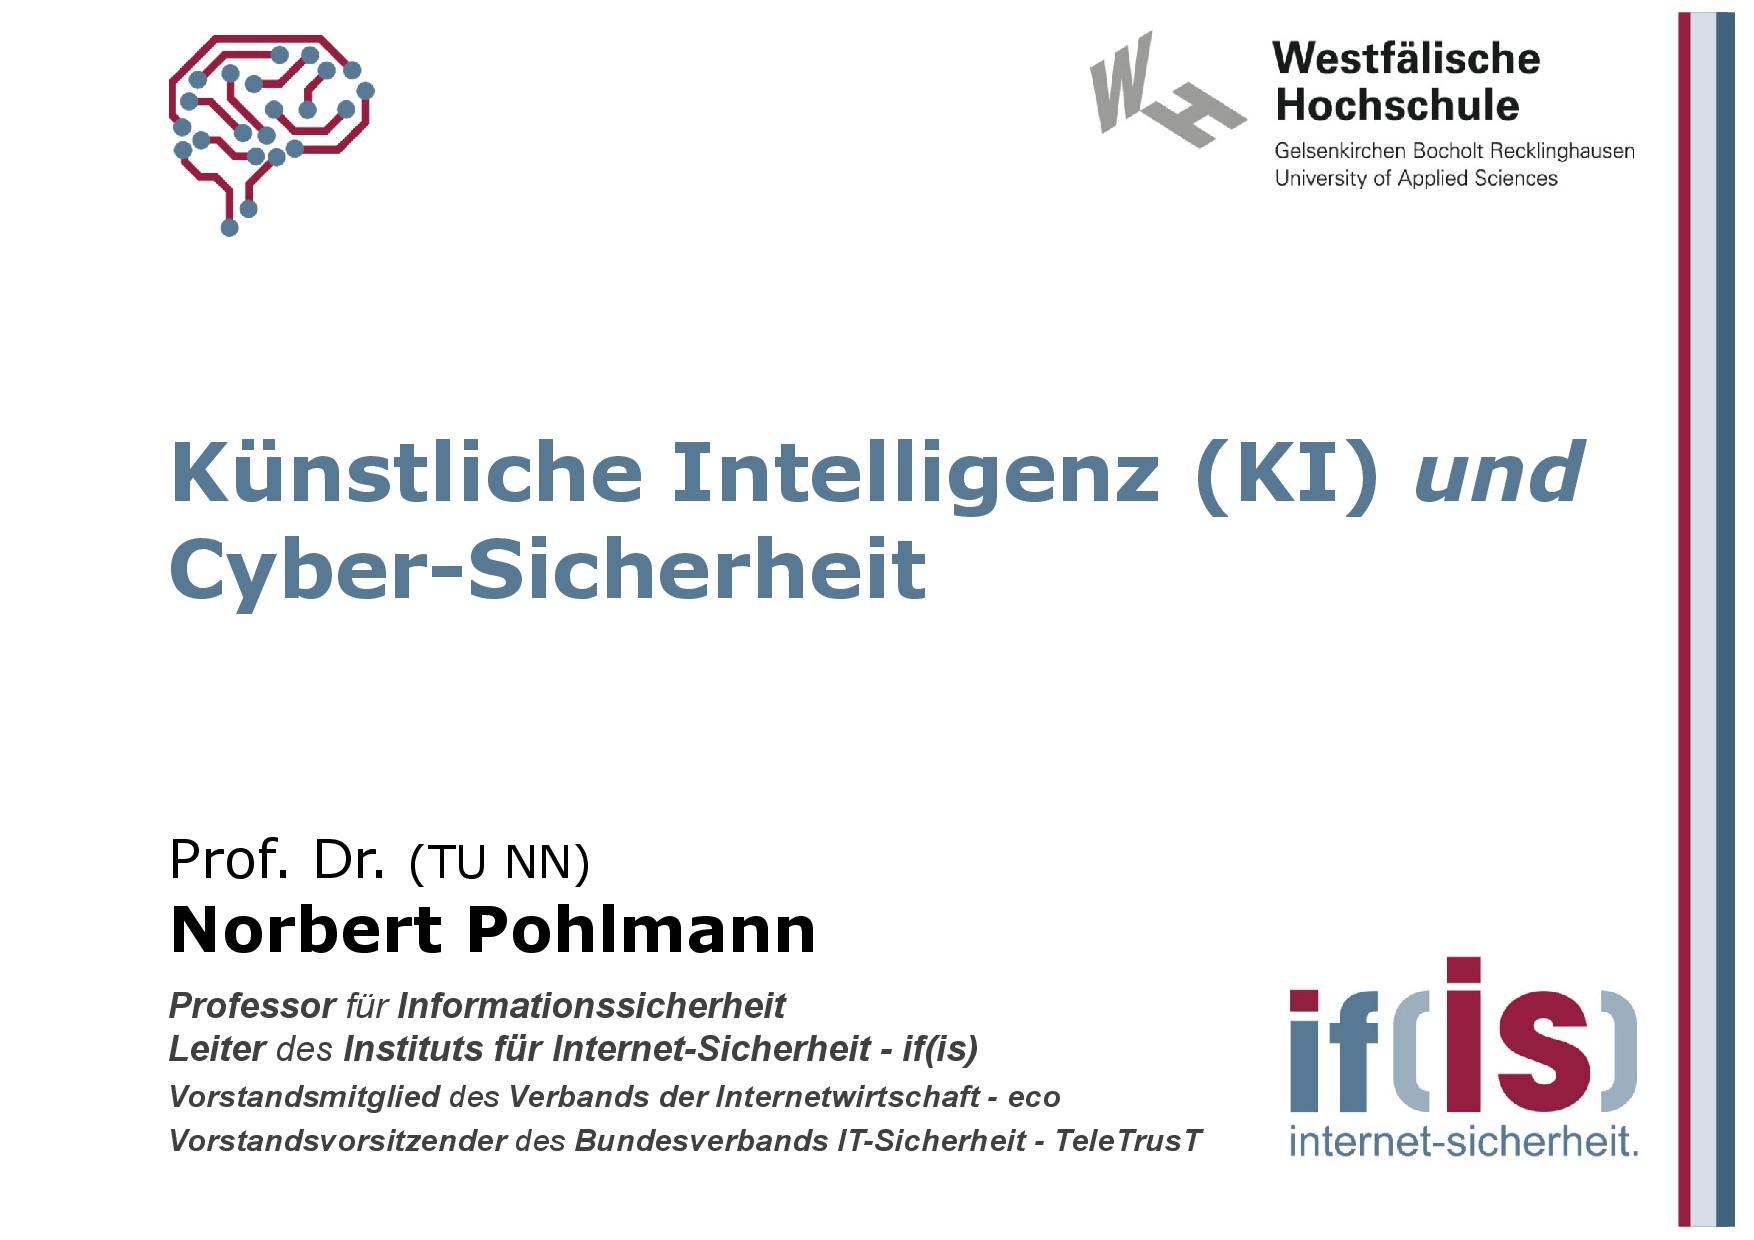 395 - Künstliche Intelligenz (KI) und Cyber-Sicherheit - Prof Norbert Pohlmann